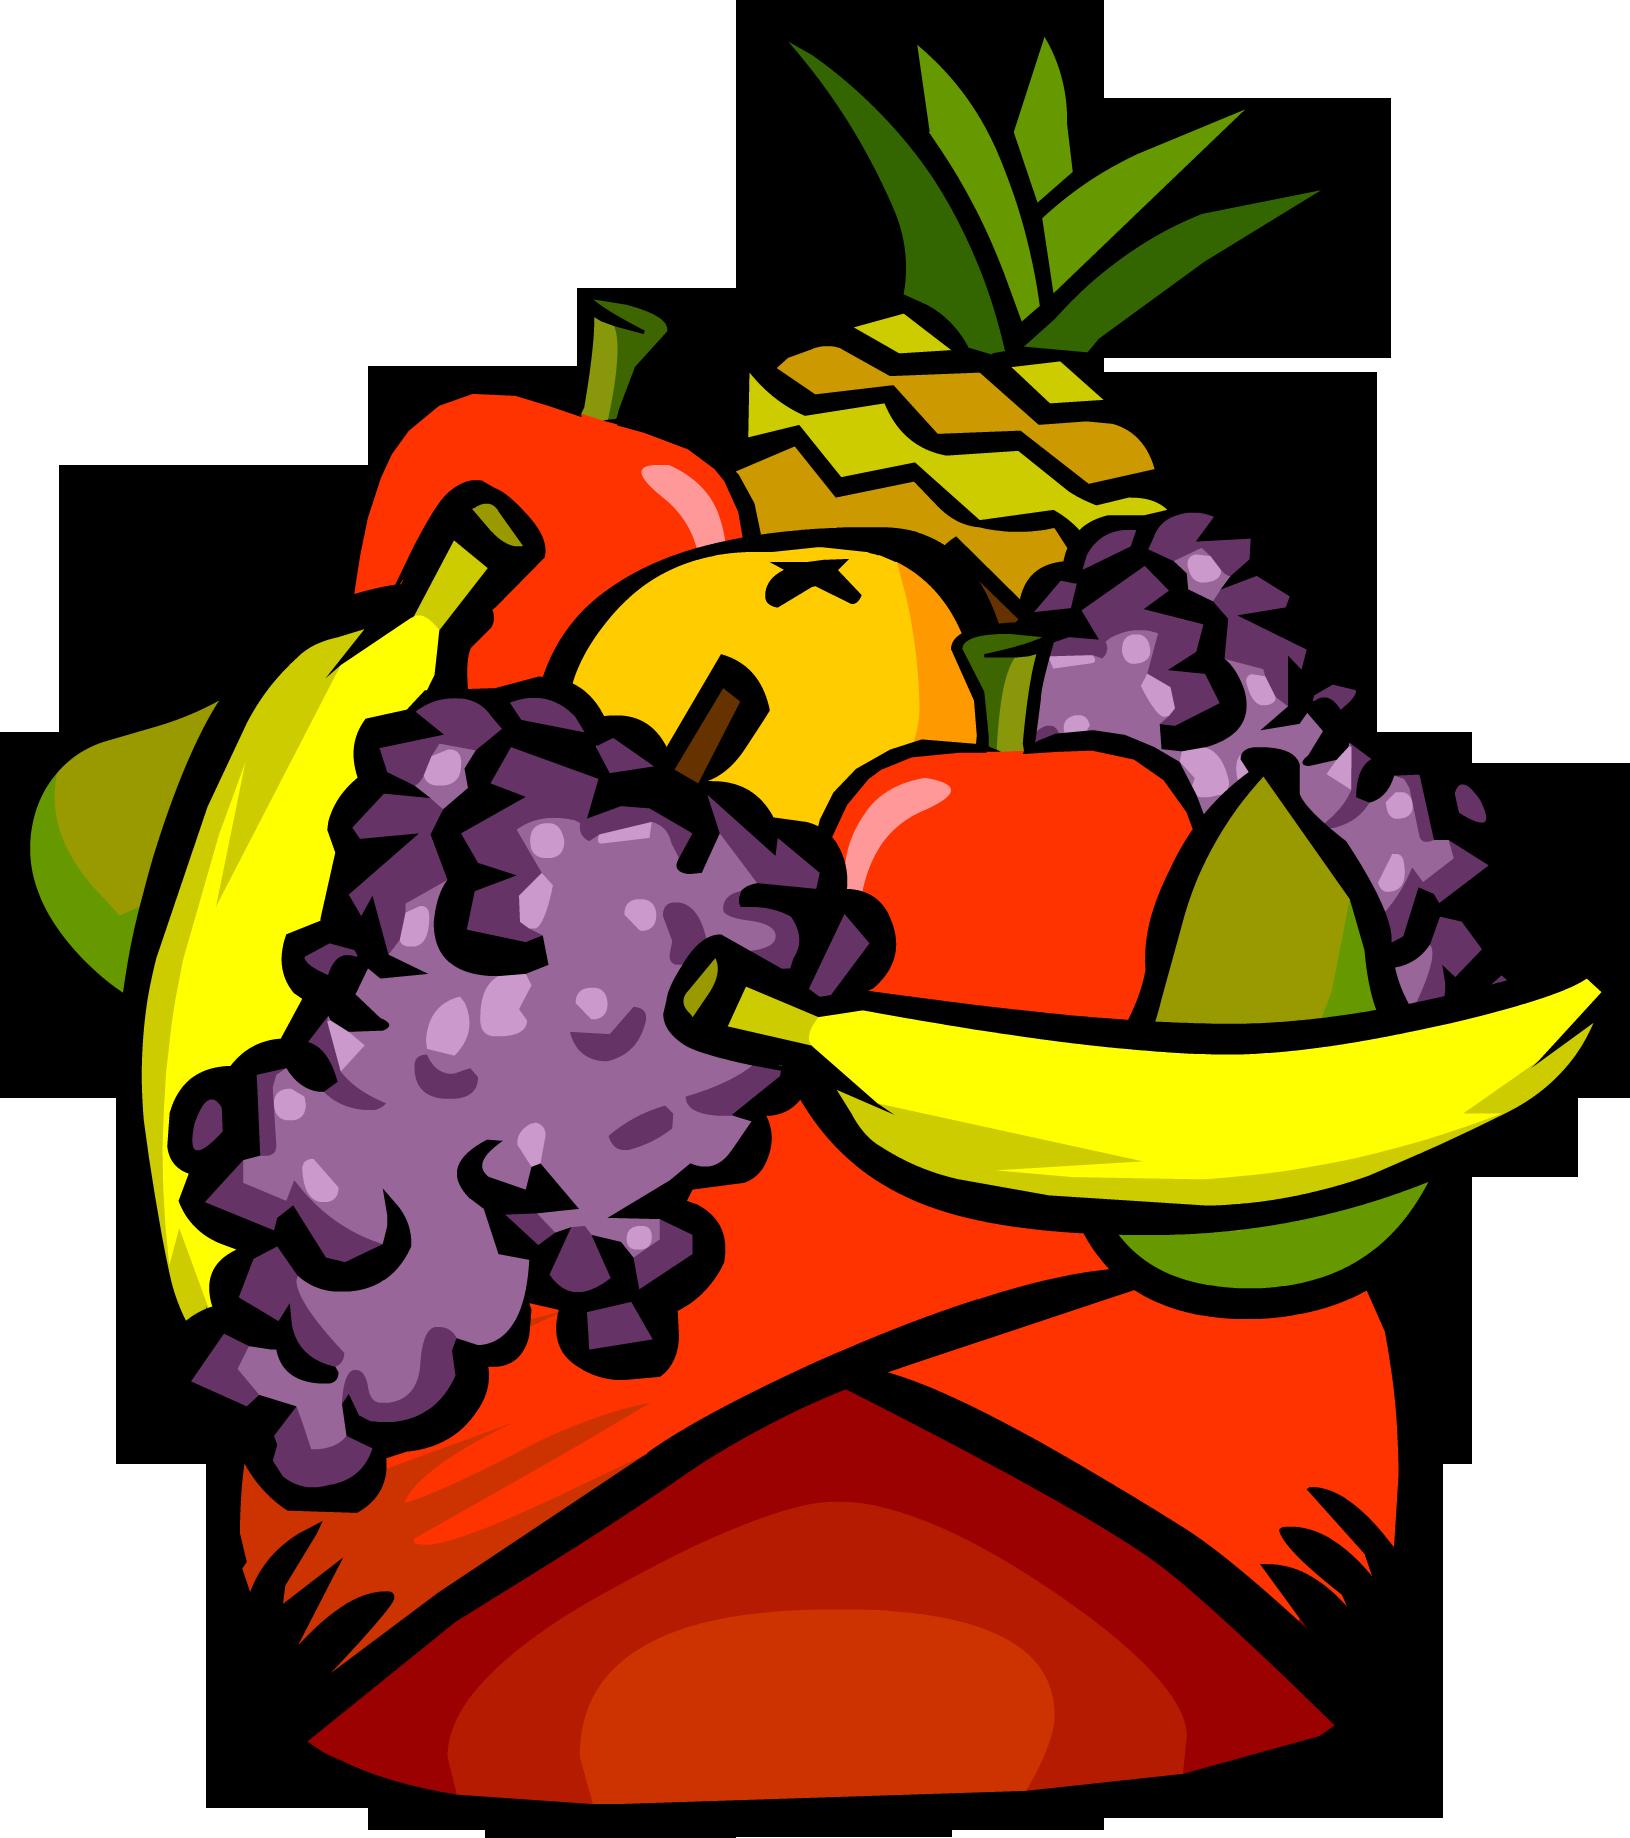 Fruit hat clipart.